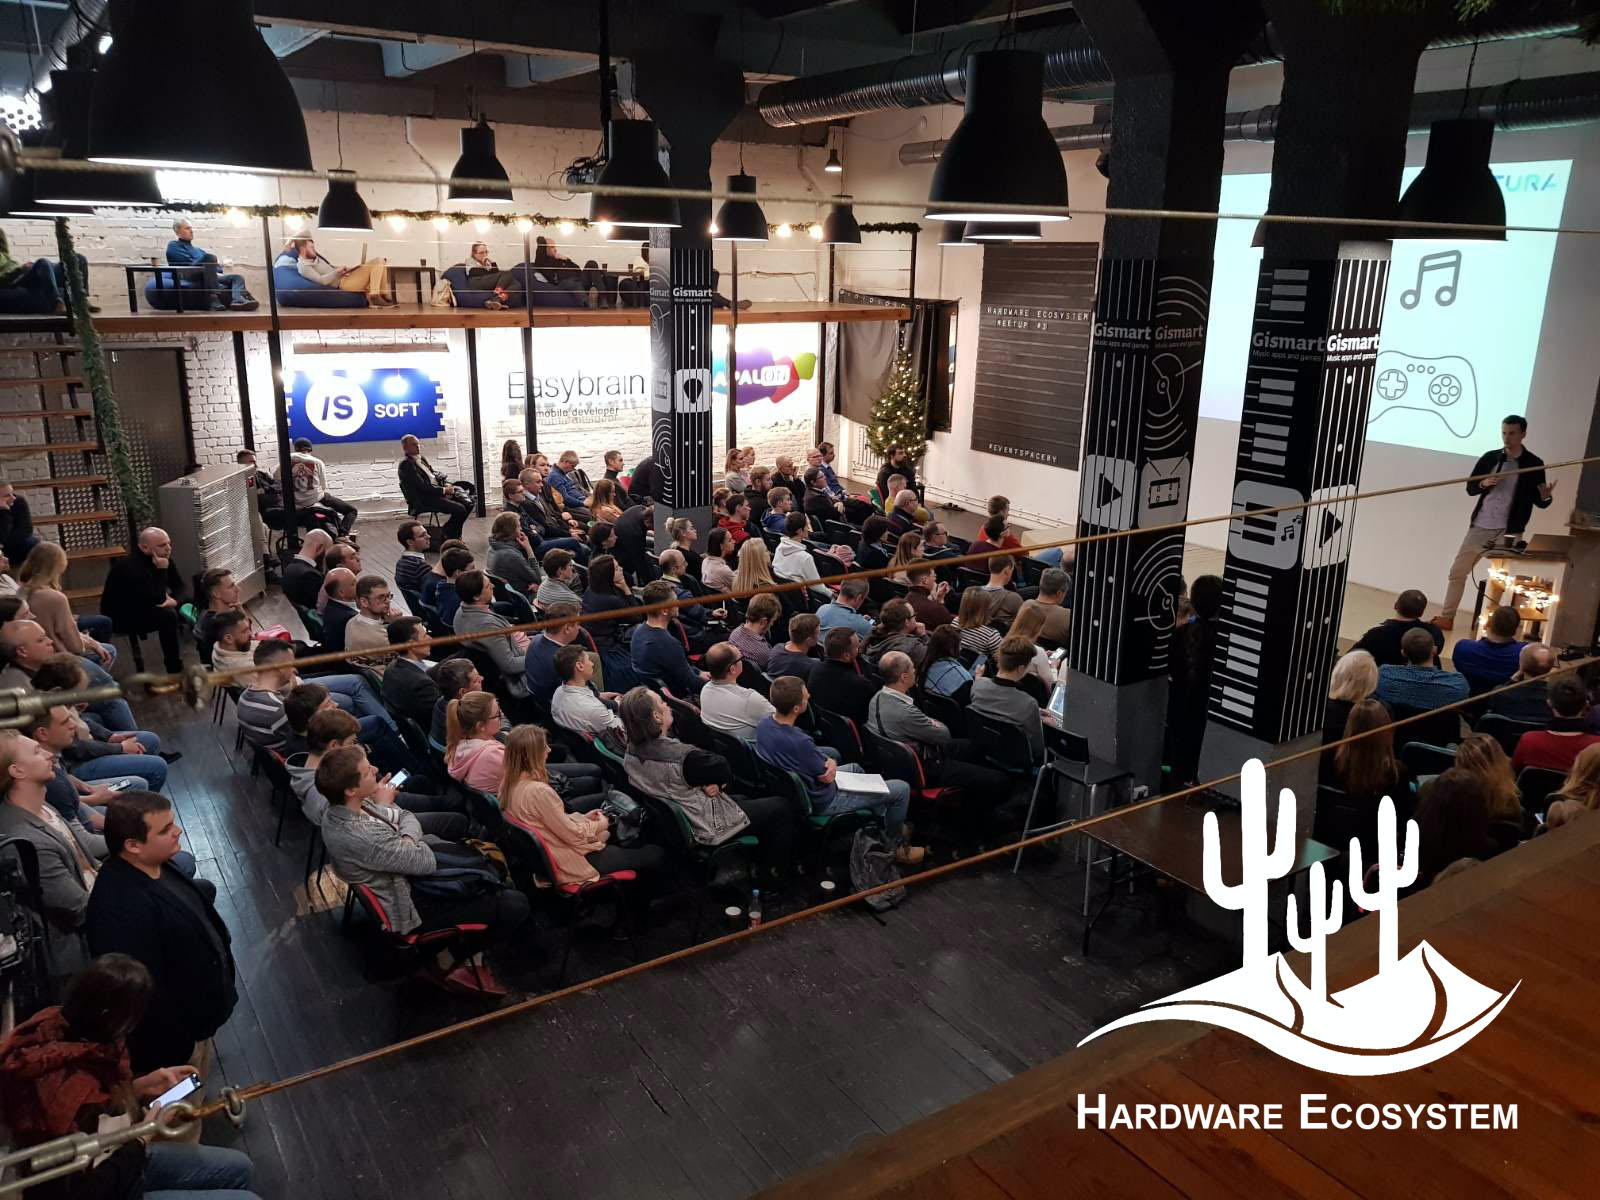 Как мы запустили Hardware Ecosystem для проектов в электронике  митап по беспилотникам 10.10.2020